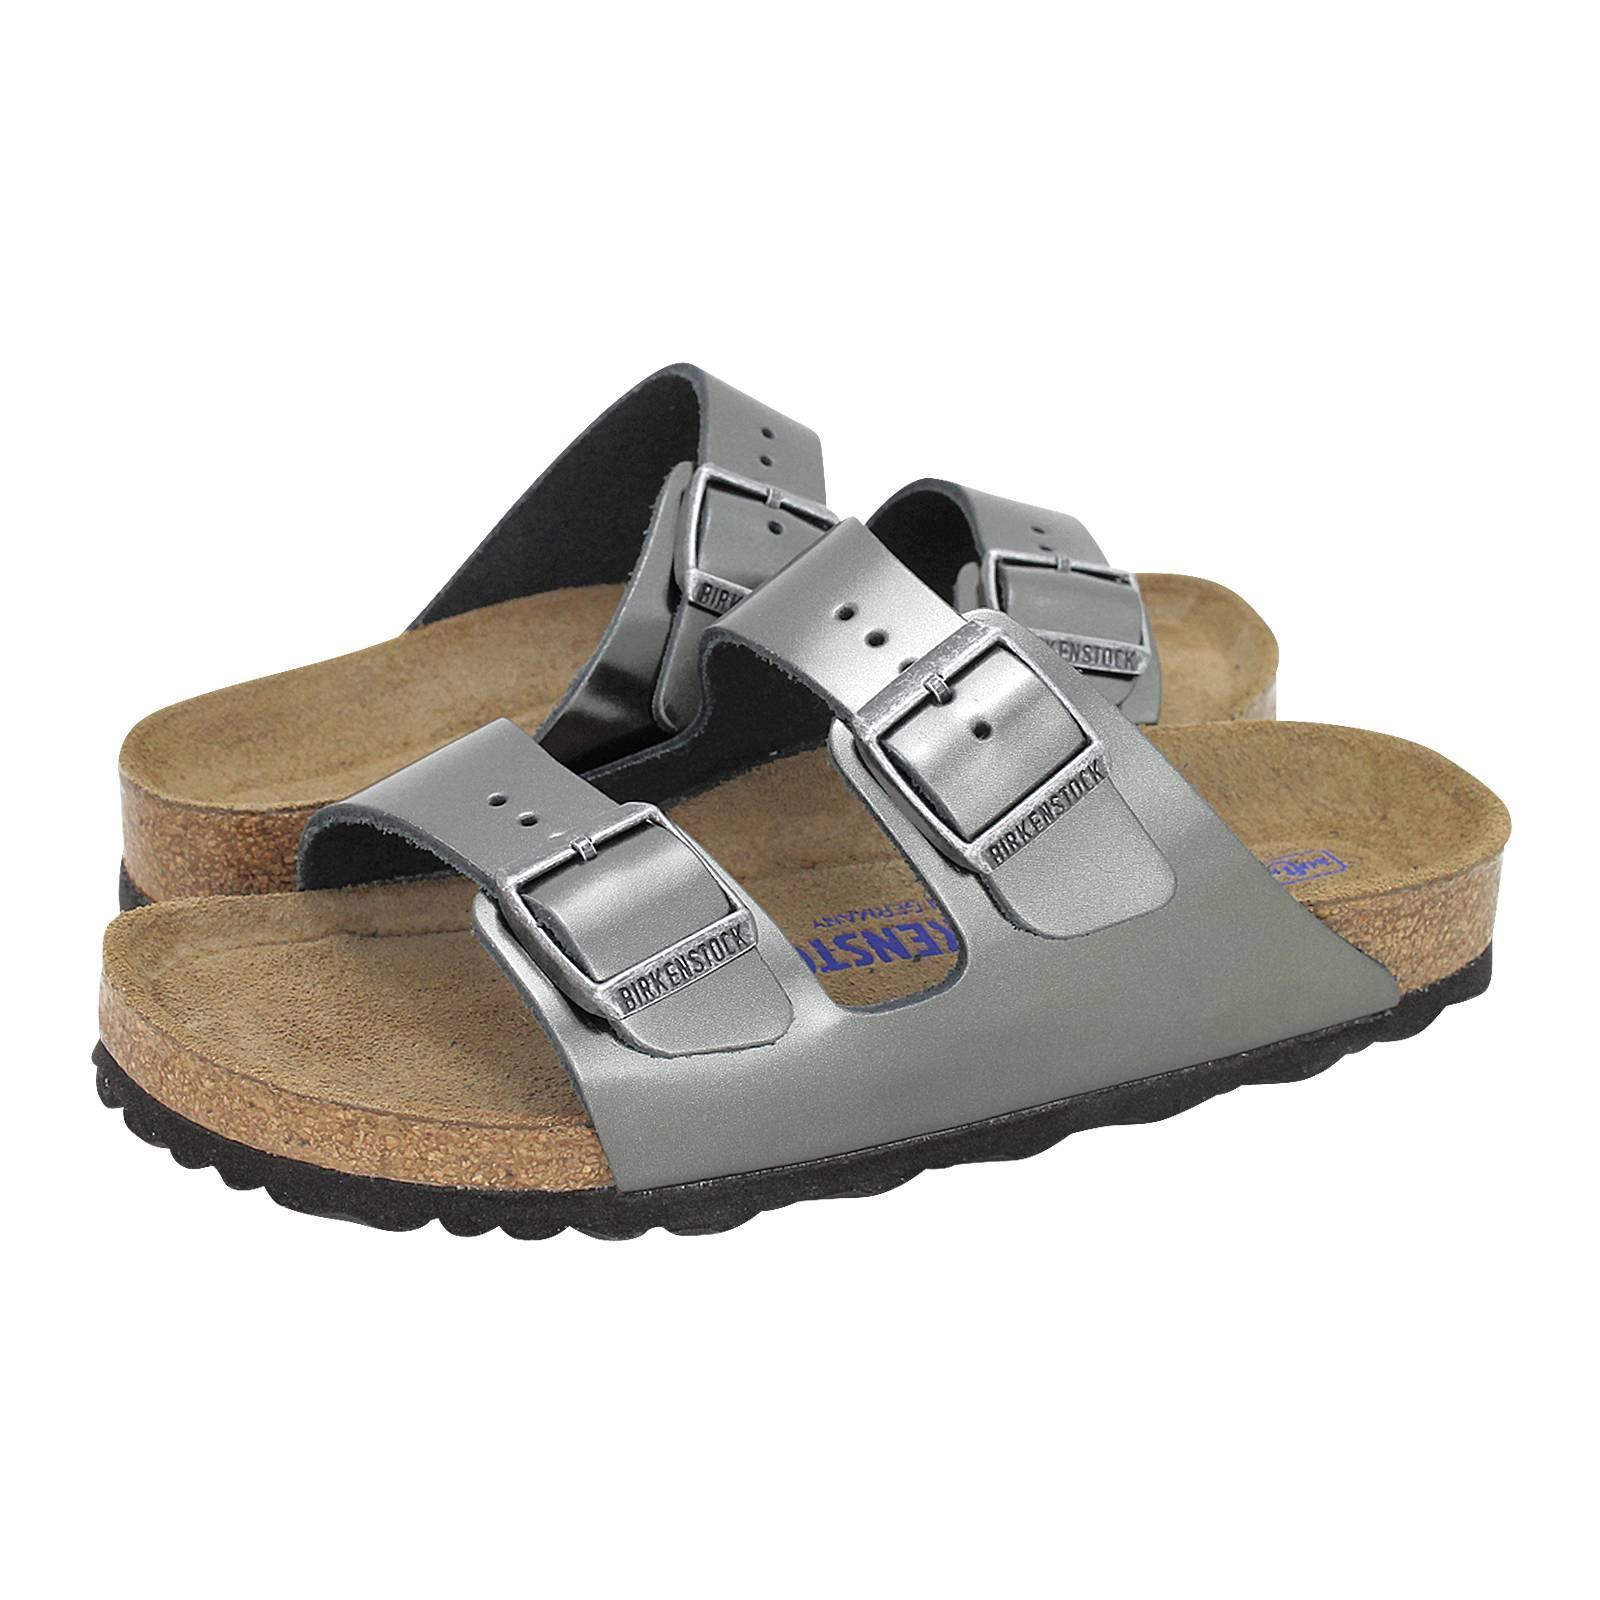 90991a5230a Arizona BS - Birkenstock Women s flat sandals made of metallic ...